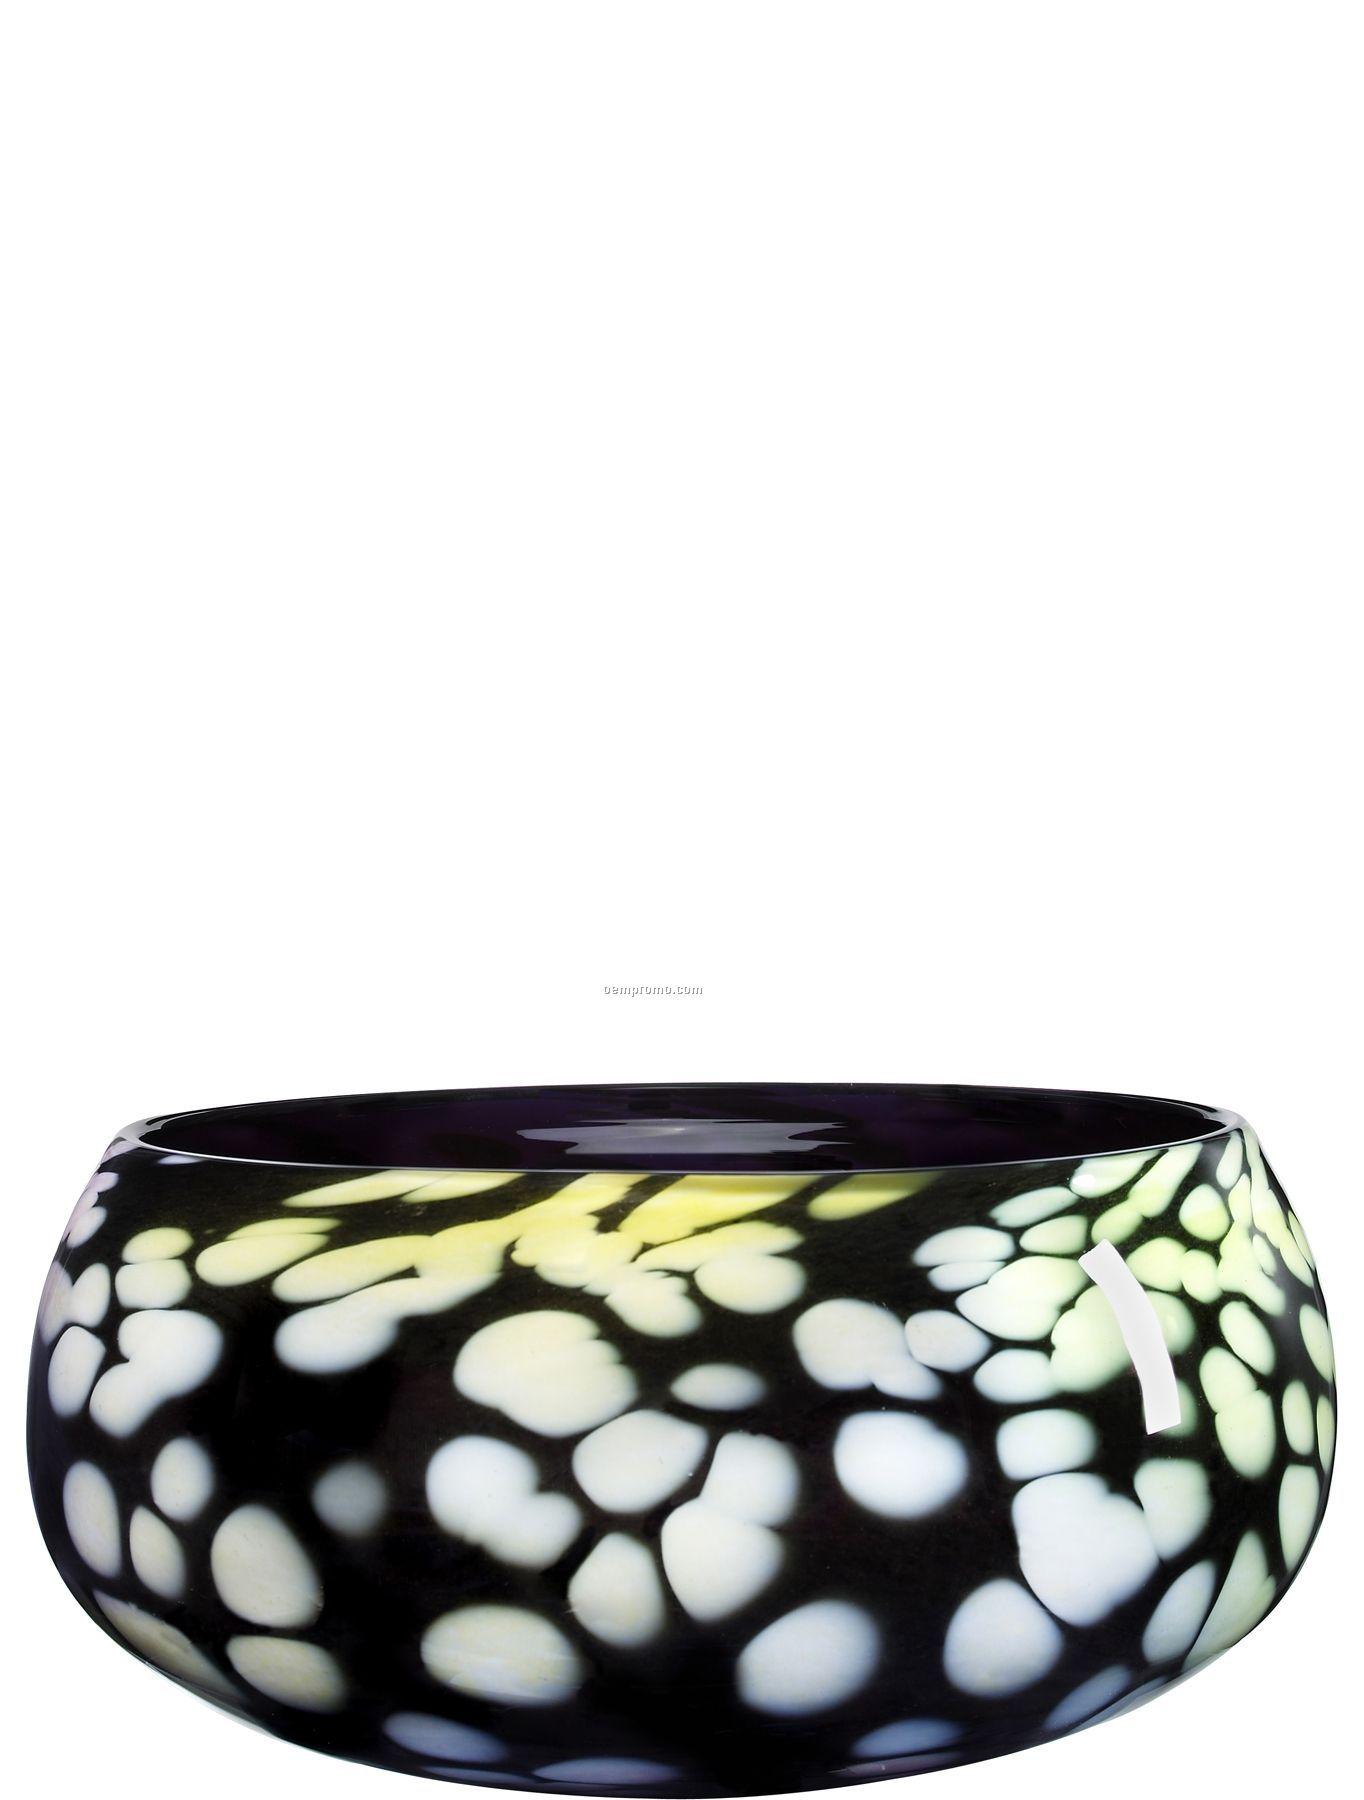 Chloe Large Handmade Bowl By Ludvig Lofgren